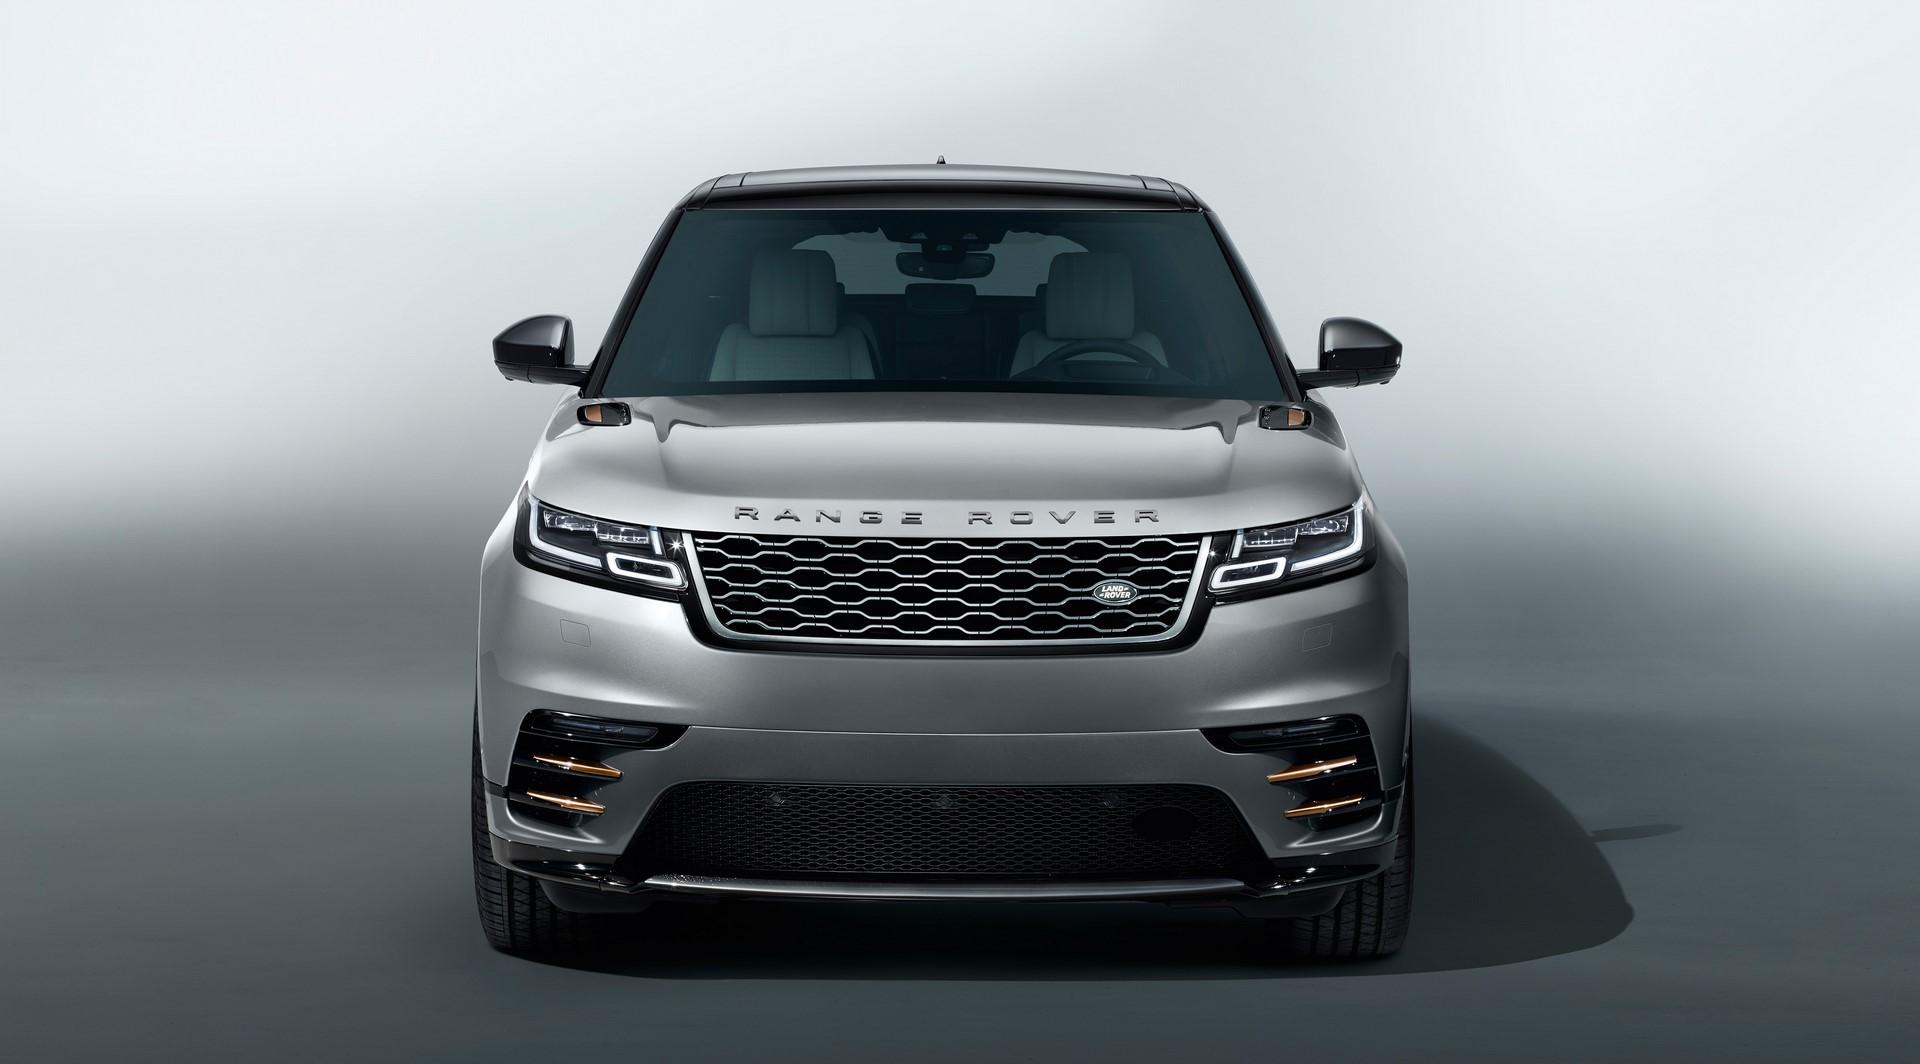 Range Rover Velar 2017 (11)